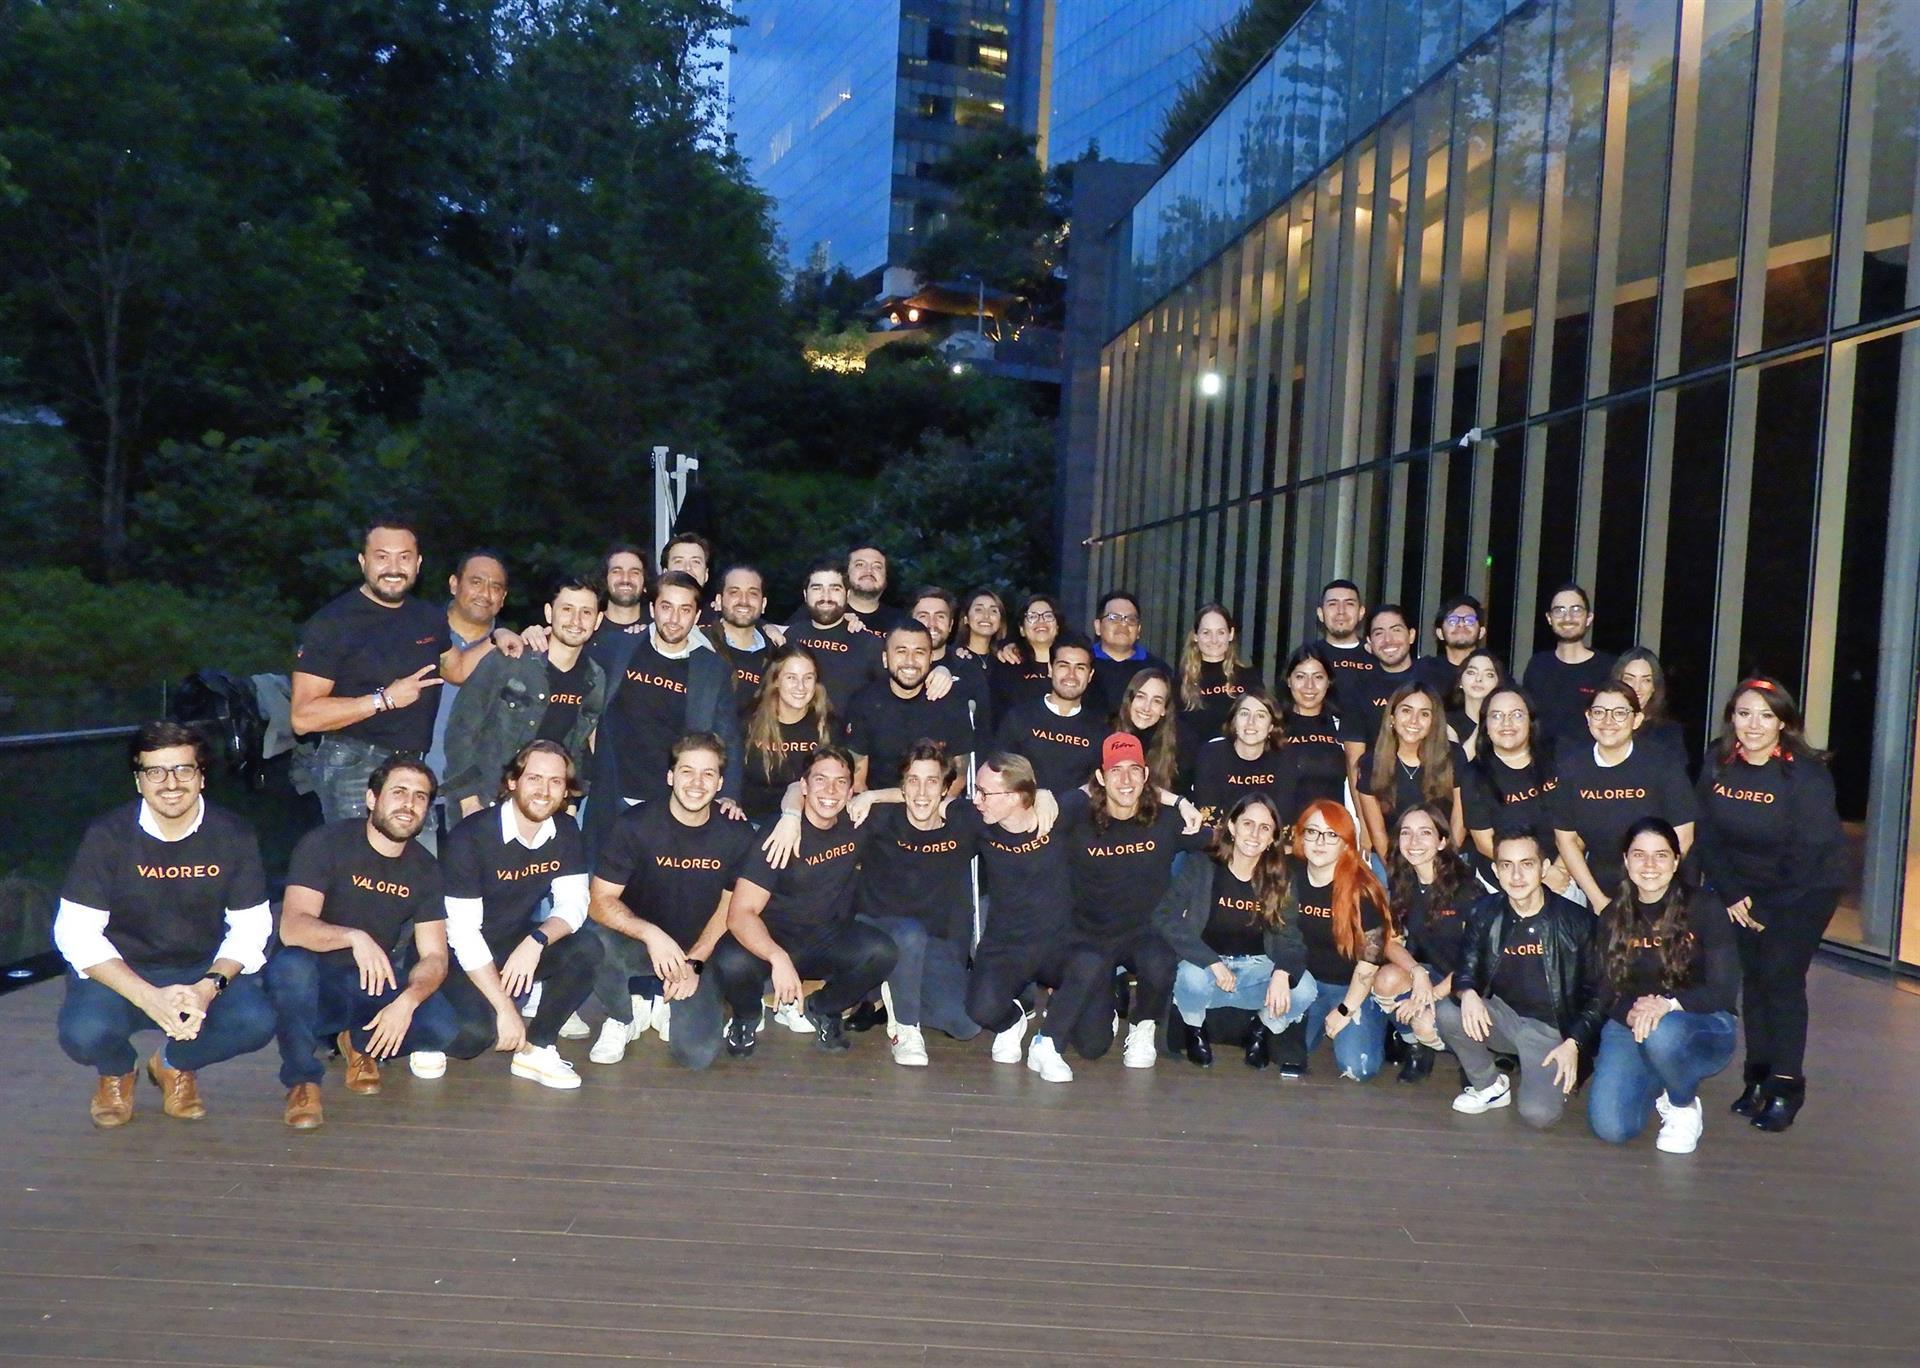 Fotografía cedida por la empresa VALOREO, donde se observa a sus empleados posando en la Ciudad de México. EFE/VALOREO/SOLO USO EDITORIAL/SOLO DISPONIBLE PARA ILUSTRAR LA NOTICIA QUE ACOMPAÑA (CRÉDITO OBLIGATORIO)